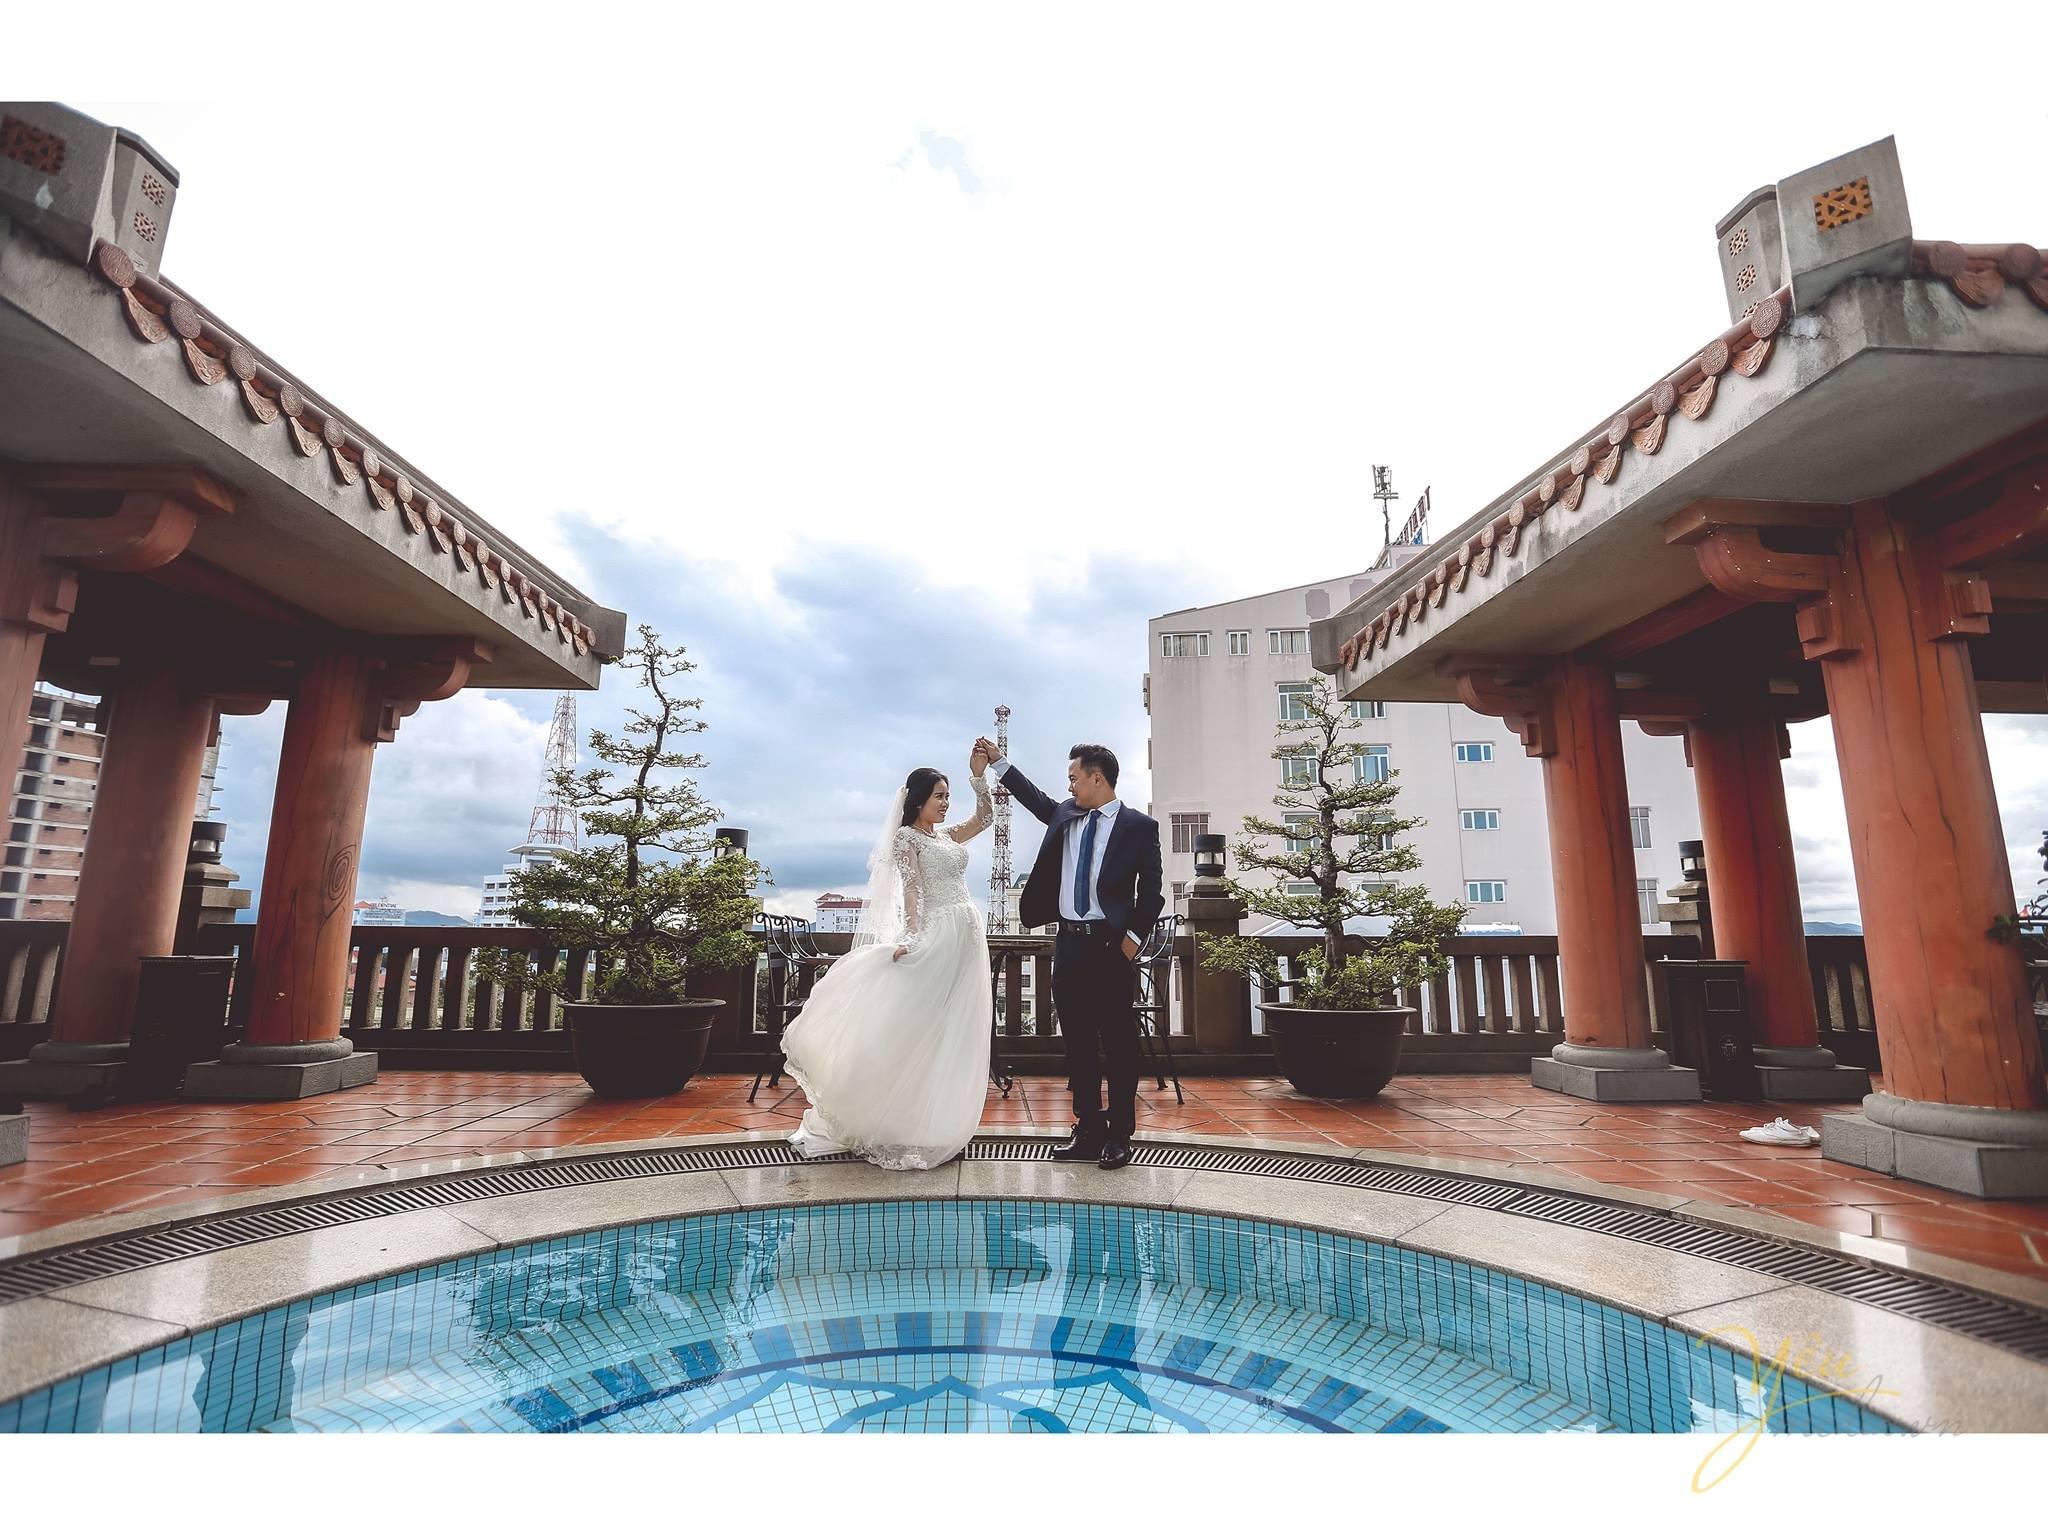 ảnh cưới chụp cạnh hồ bơi váy bồng công chúa